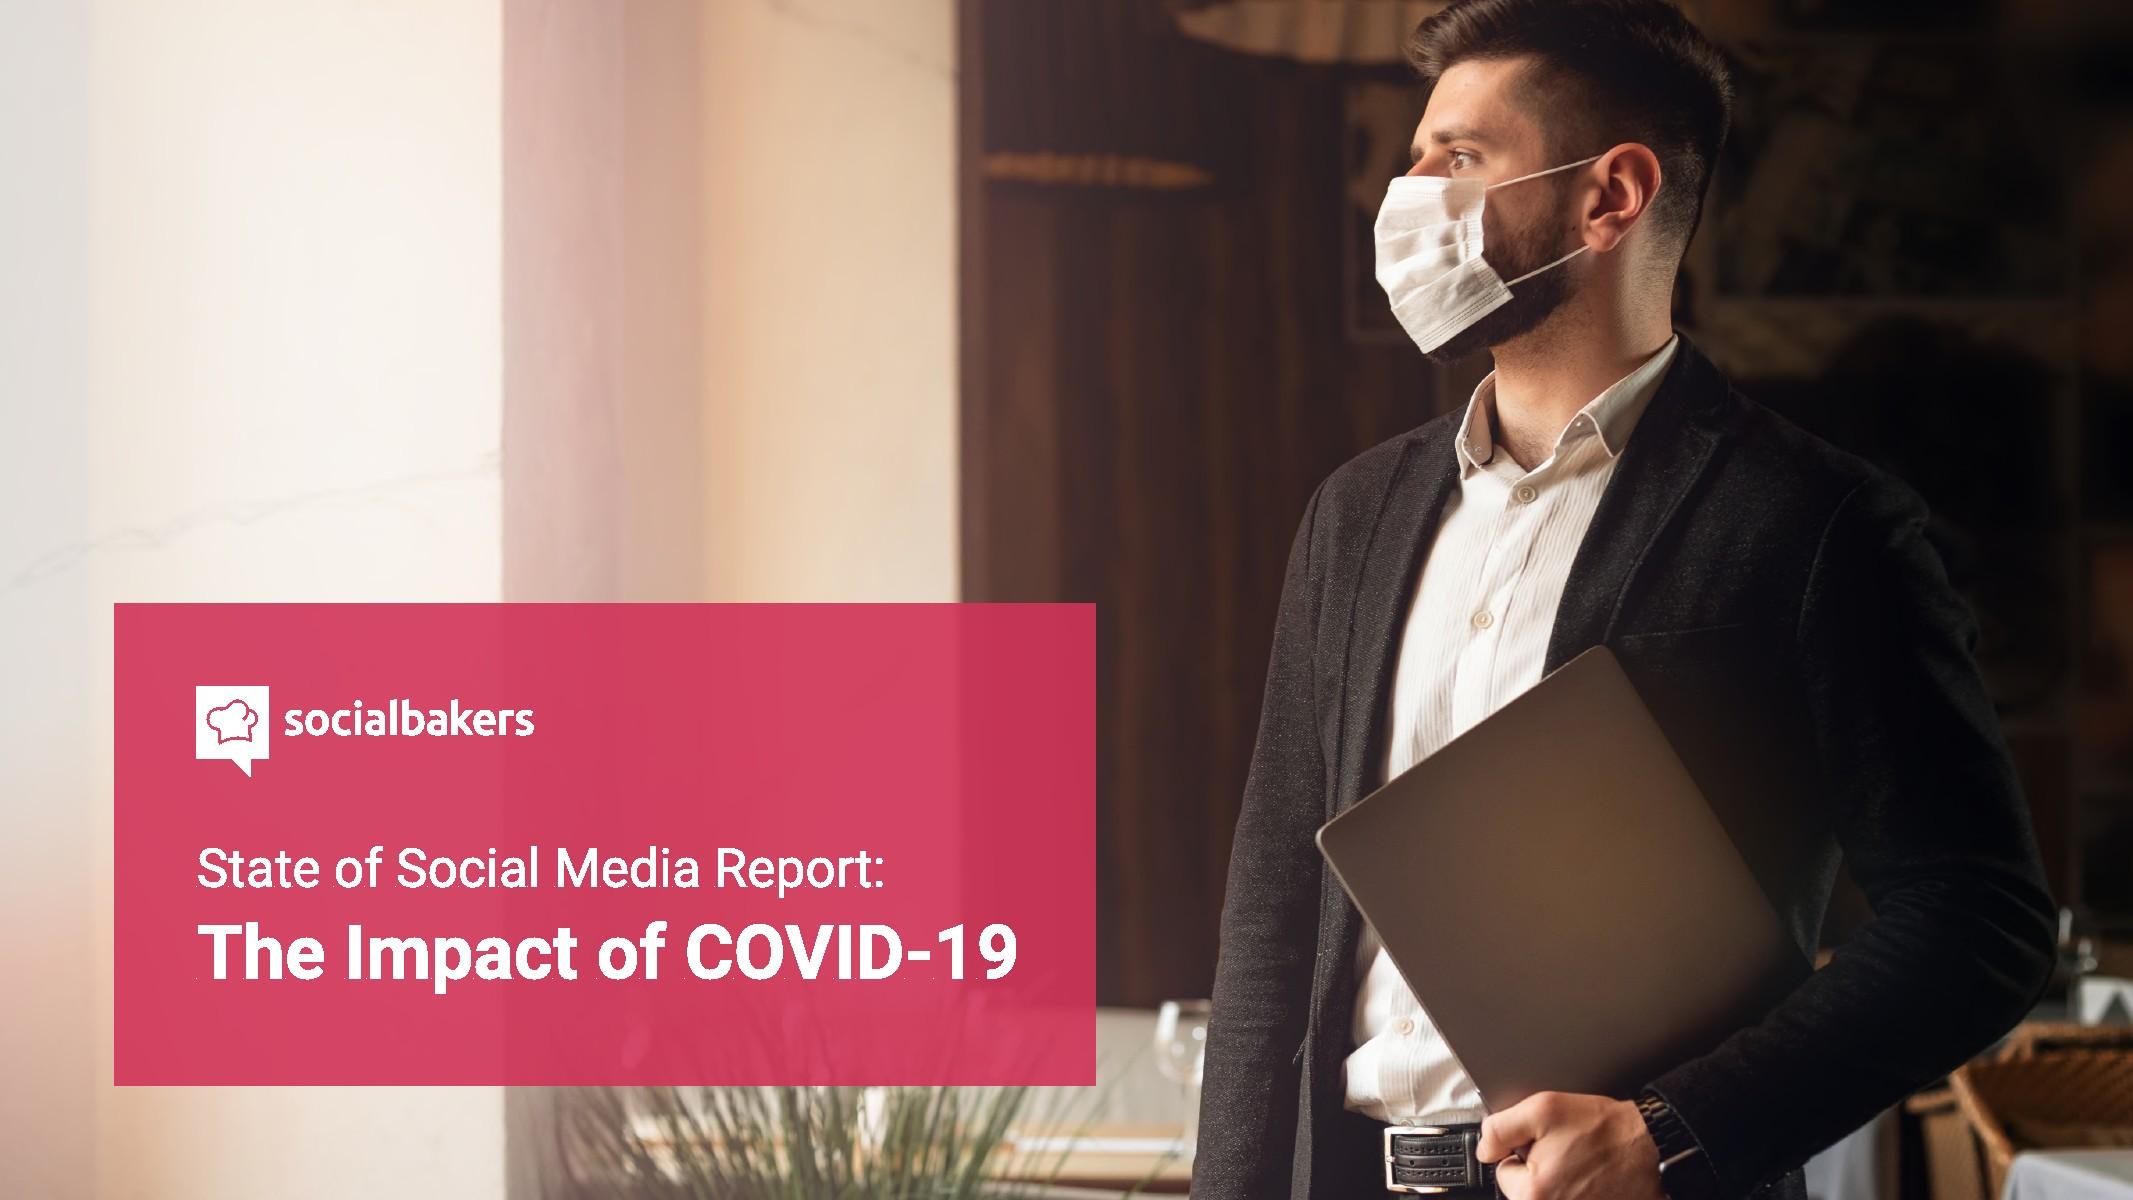 社交媒体:COVID-19的影响报告